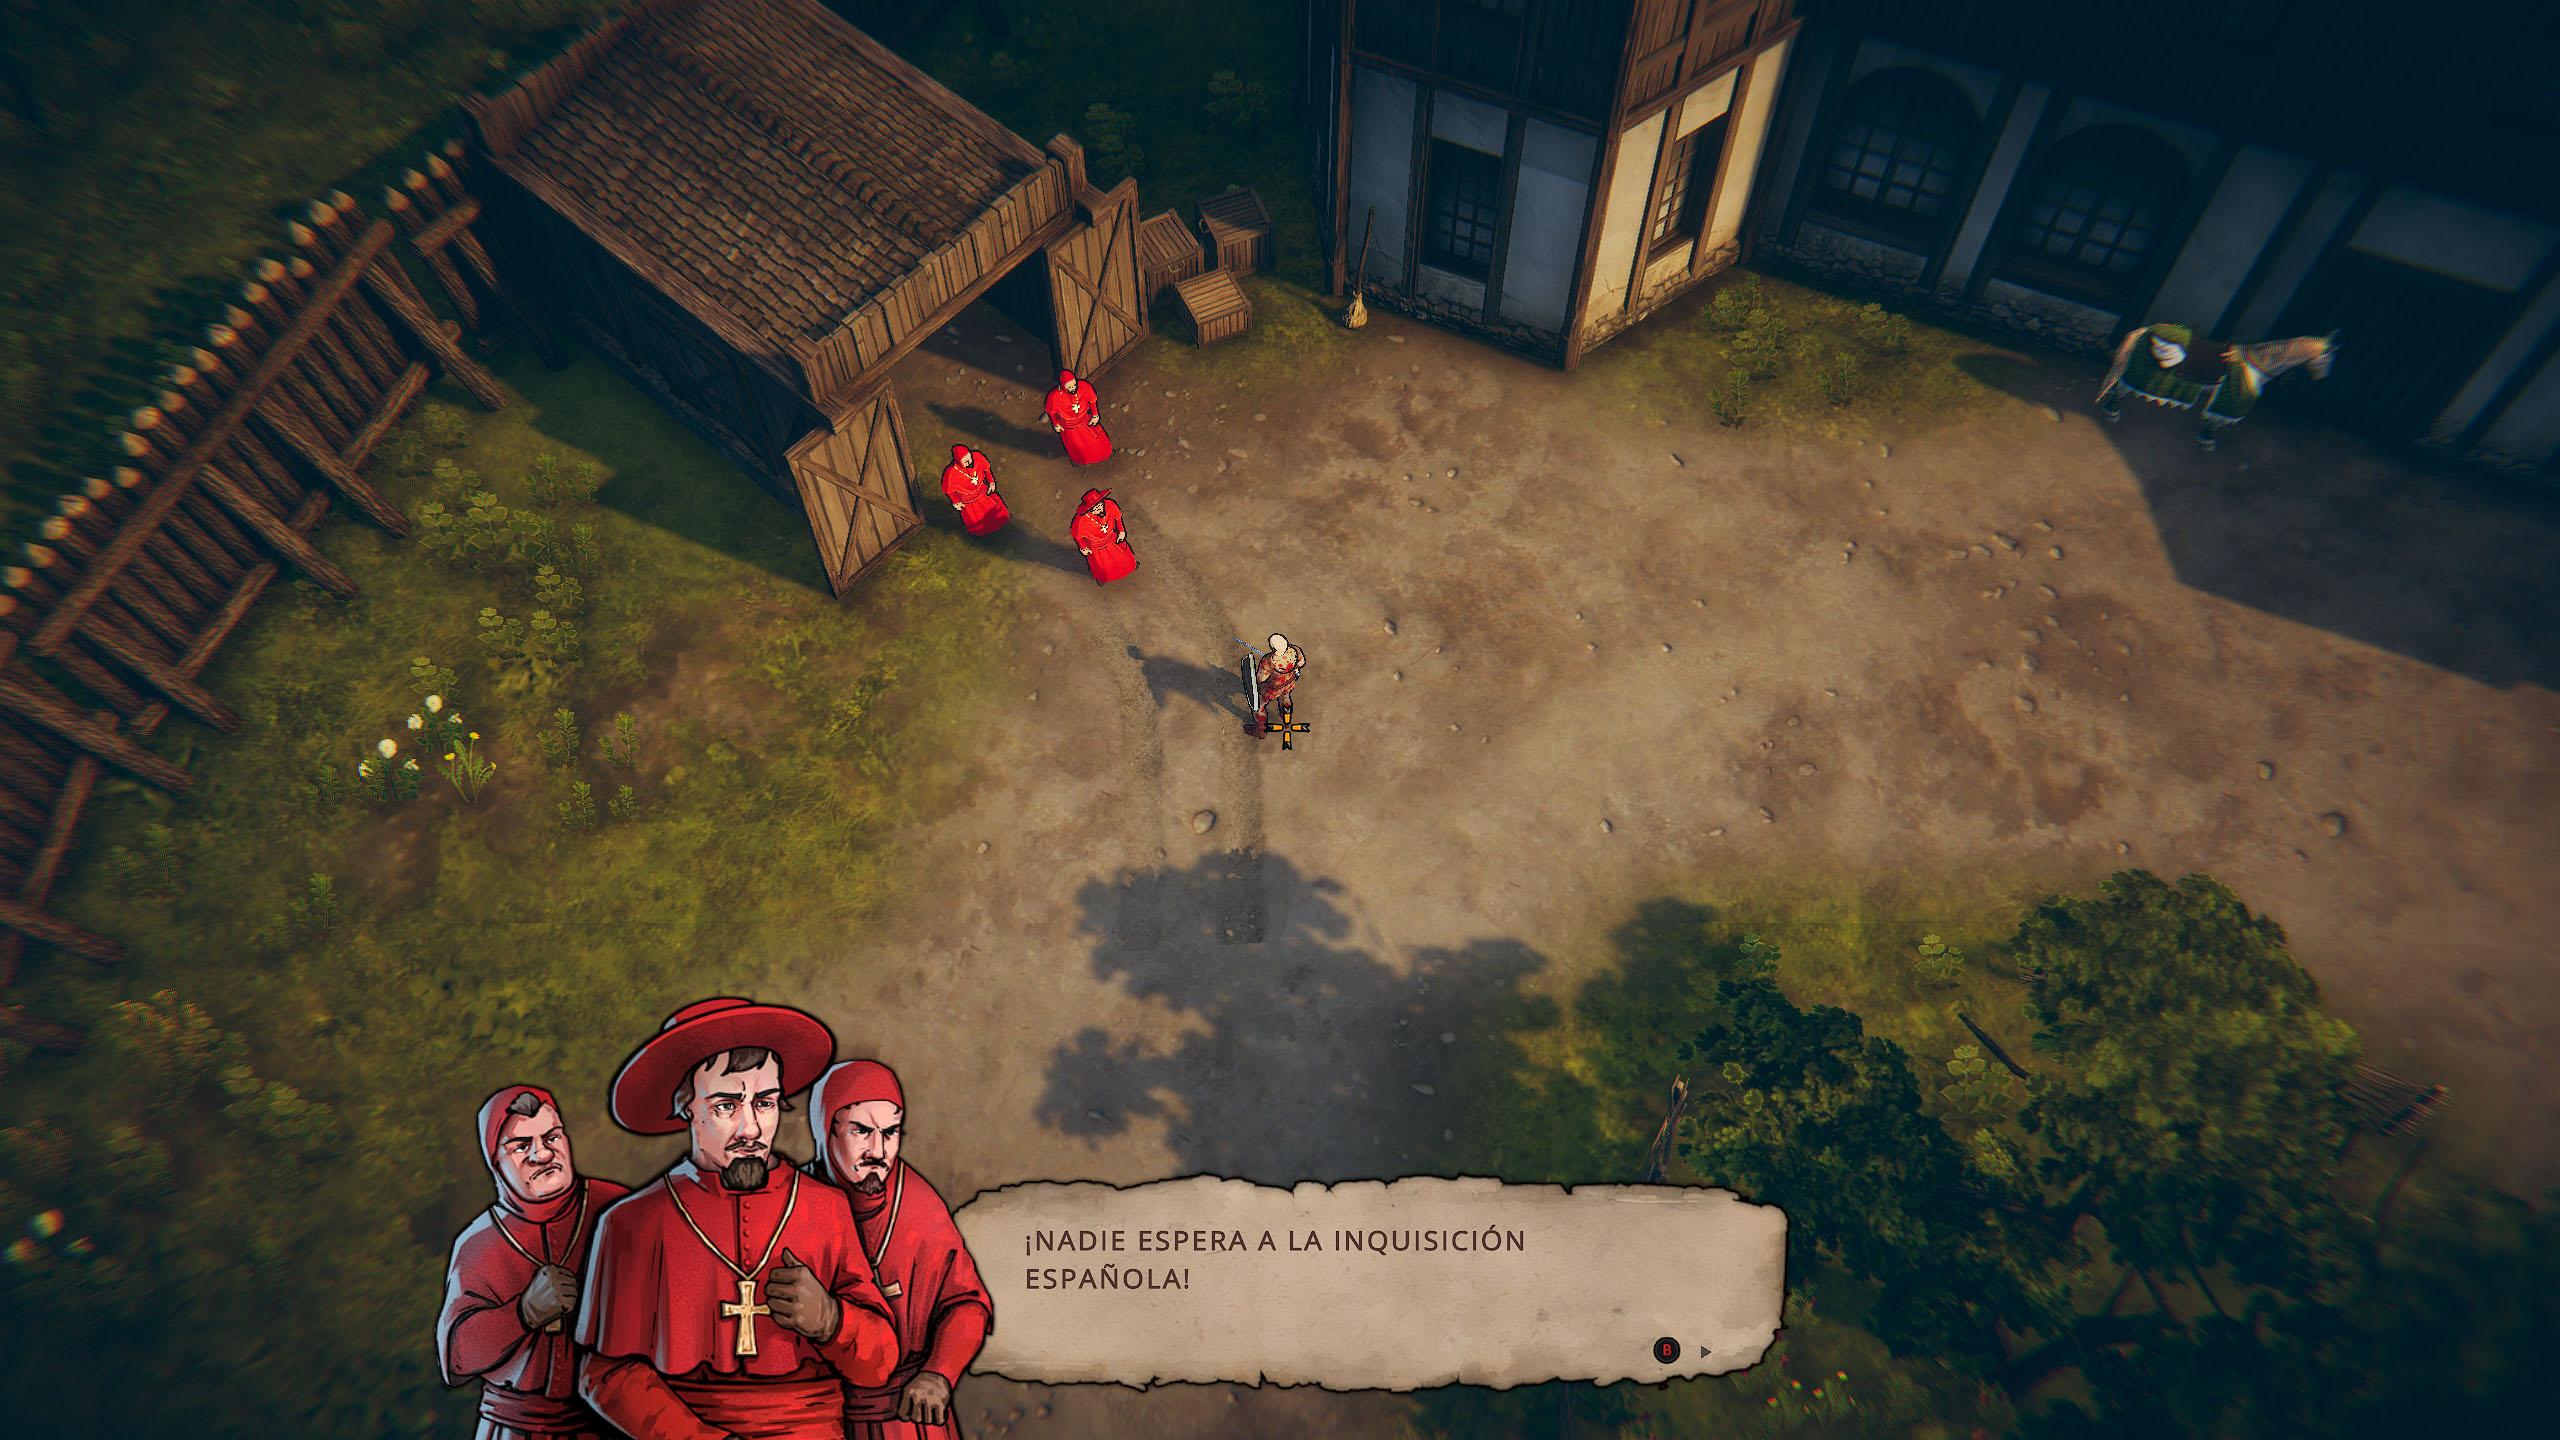 Inquisición Española apareciendo en un cobertizo